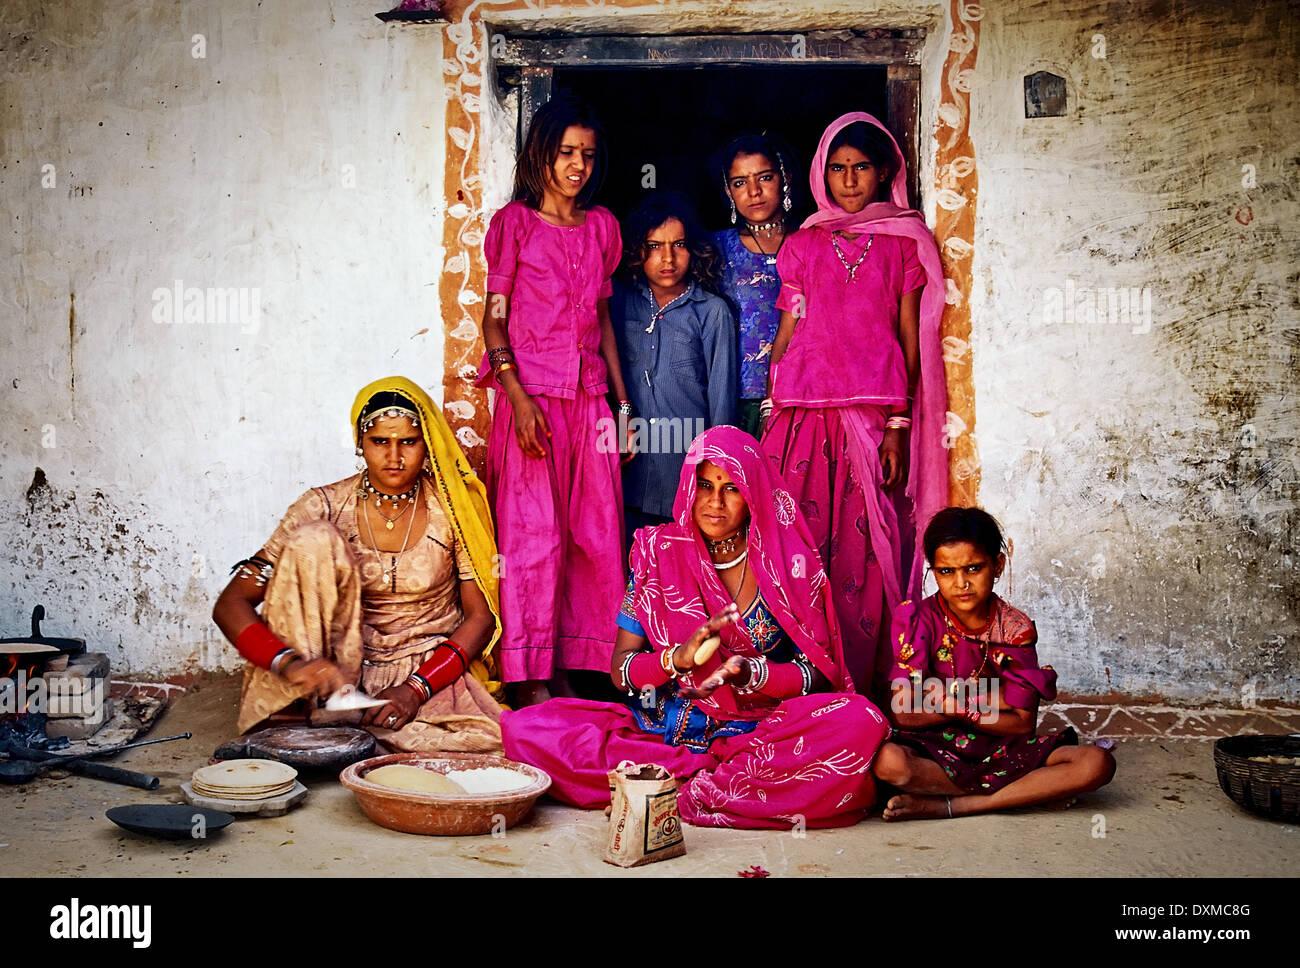 Village indien dans la famille d'une porte dans un village près de Jodhpur, Inde. Image manipulée numériquement. Banque D'Images